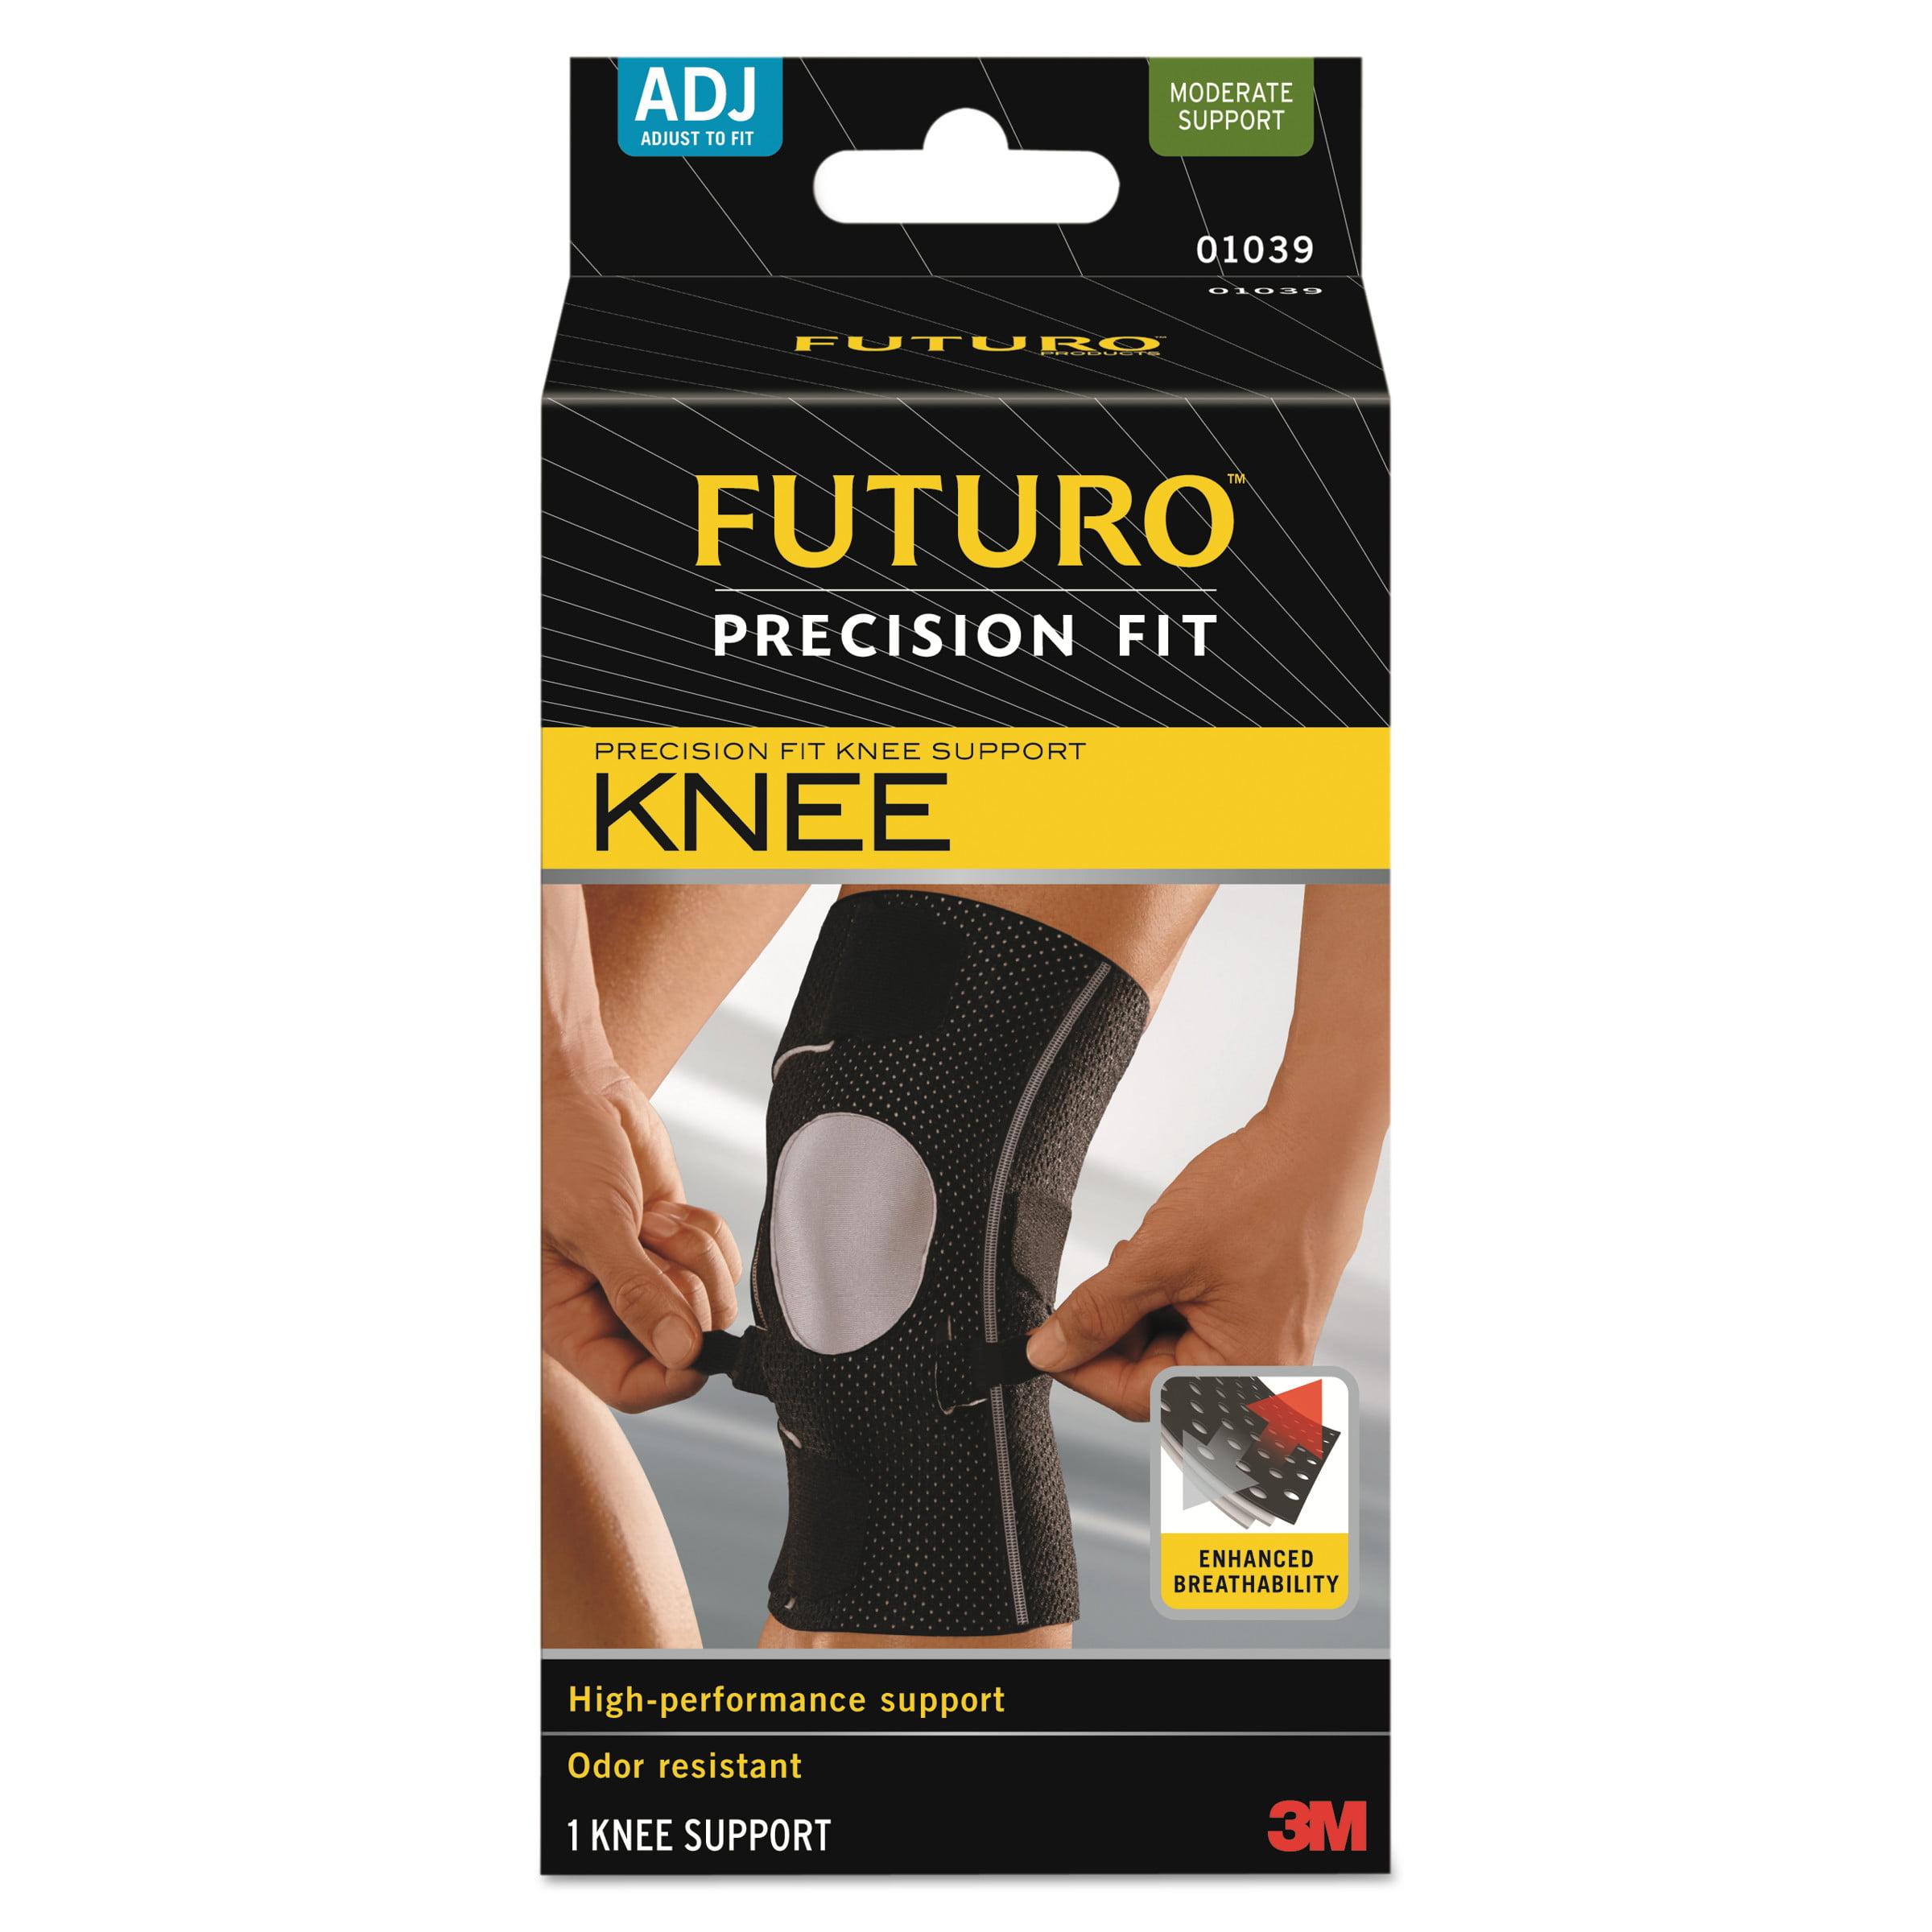 FUTURO Precision Fit Knee Support, Black